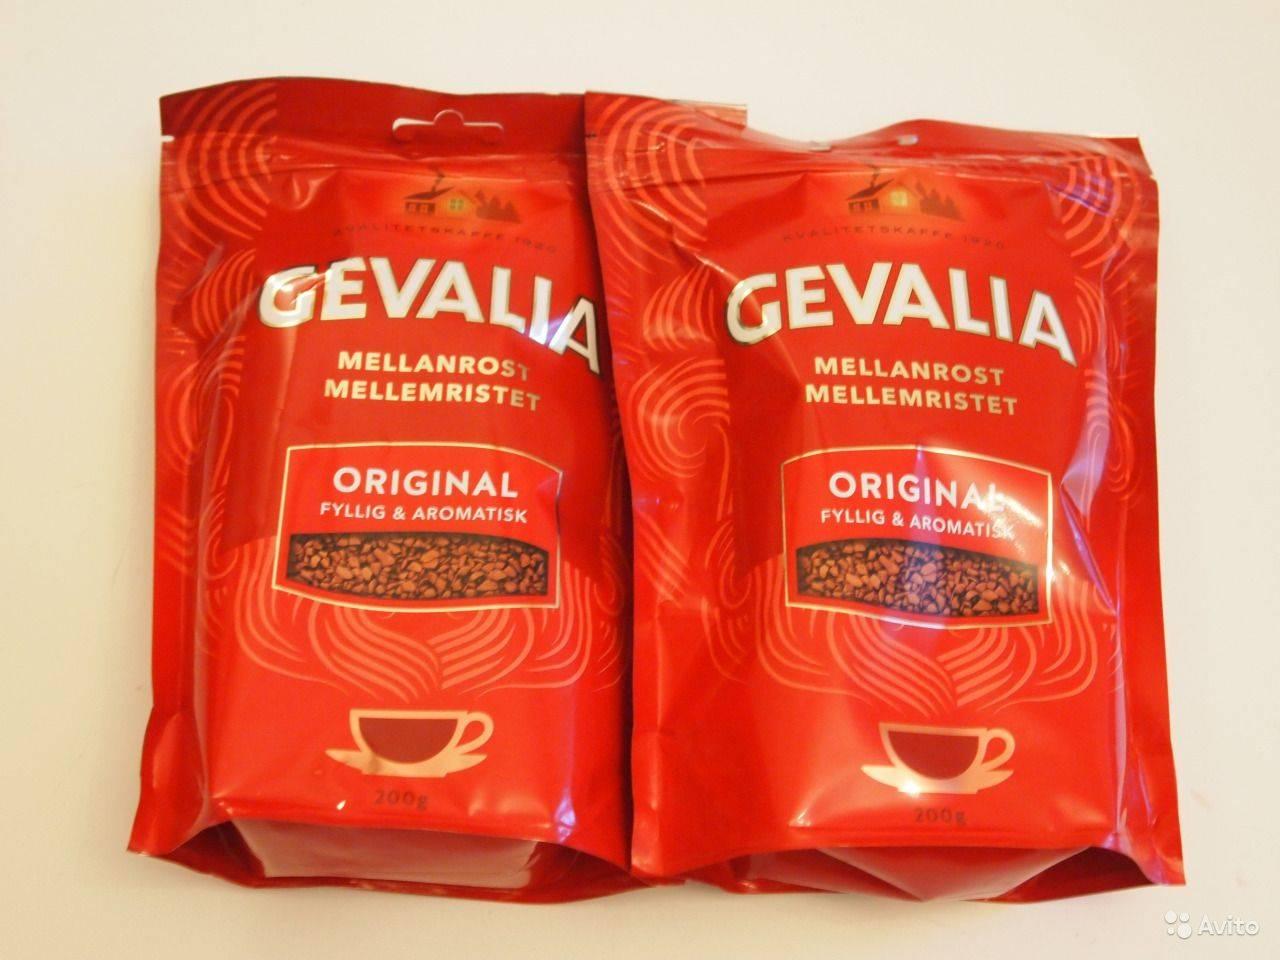 Кофе гевалия (gevalia): описание, история и виды марки